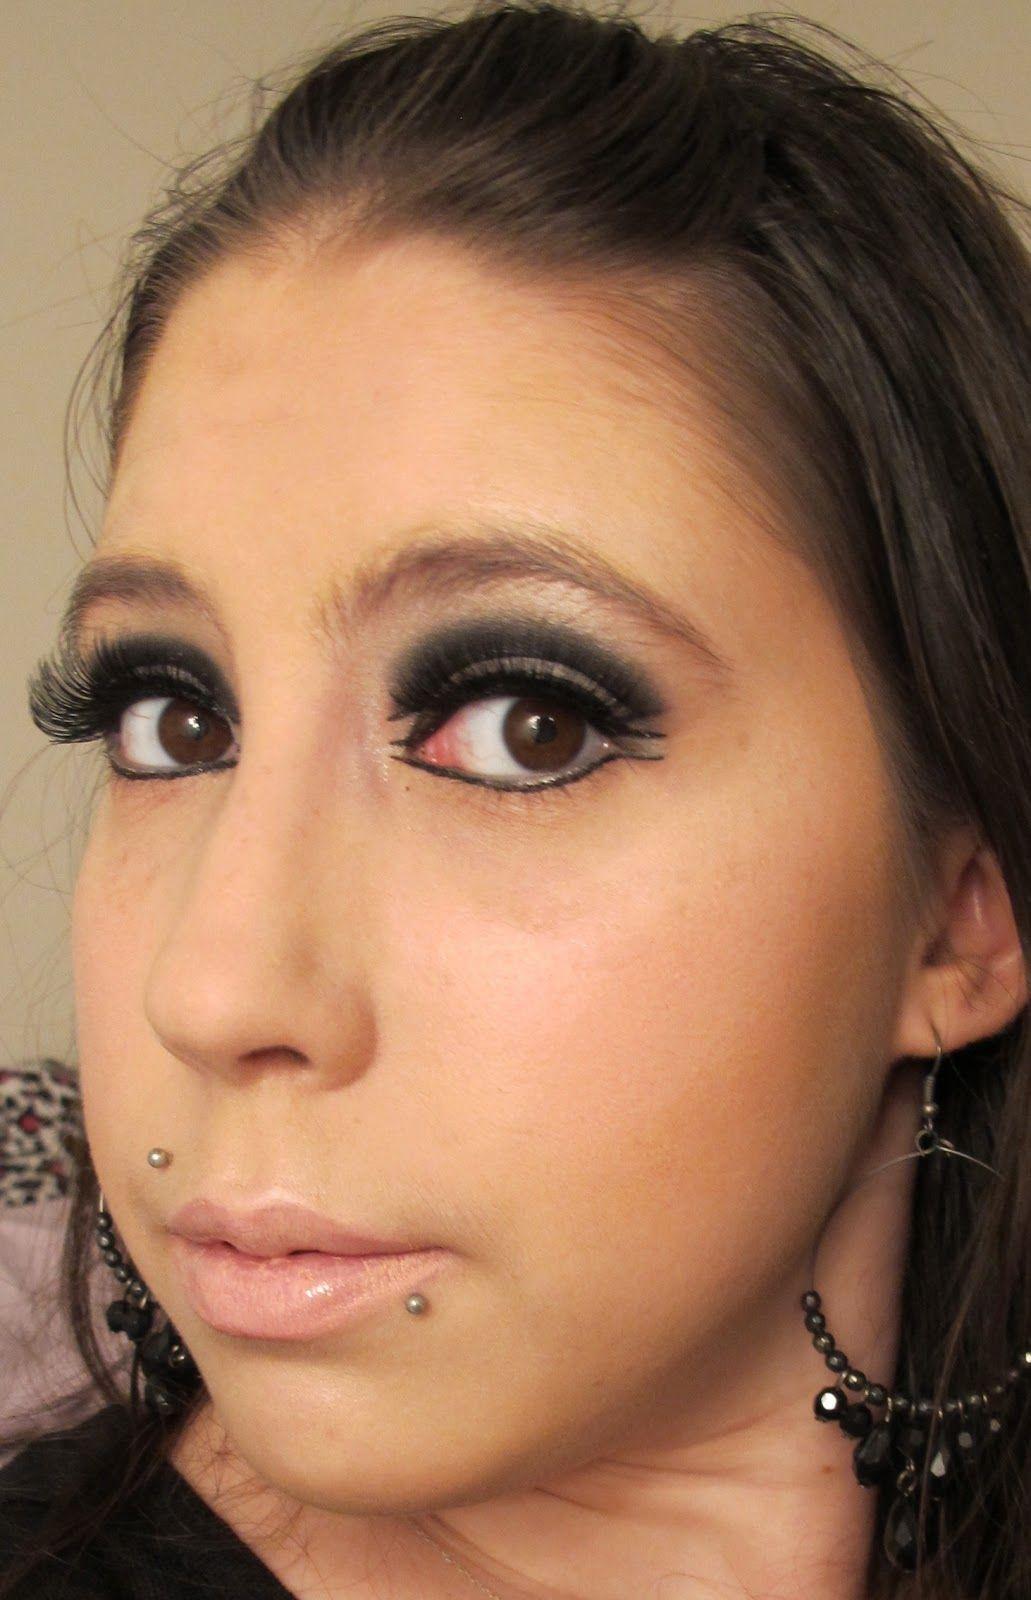 Steph Stud Makeup 60s Mod Makeup Look using MAC and a